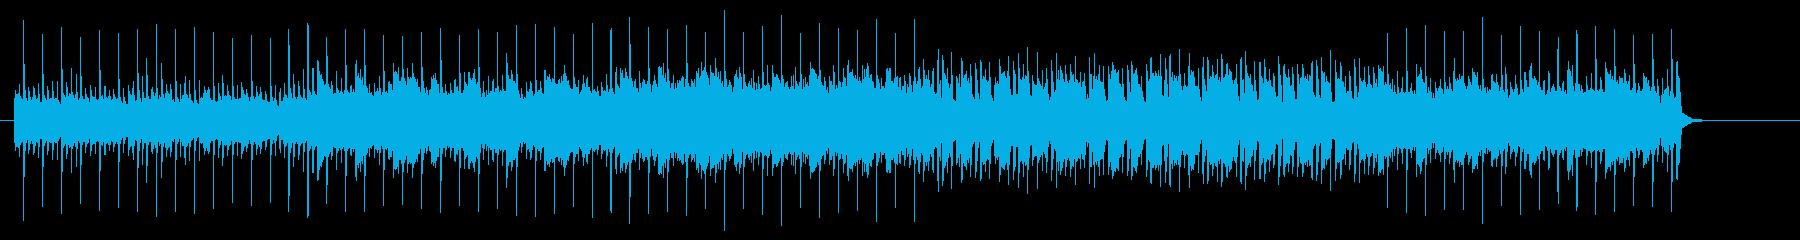 淡々とした無機質なマイナー・ブリッジの再生済みの波形